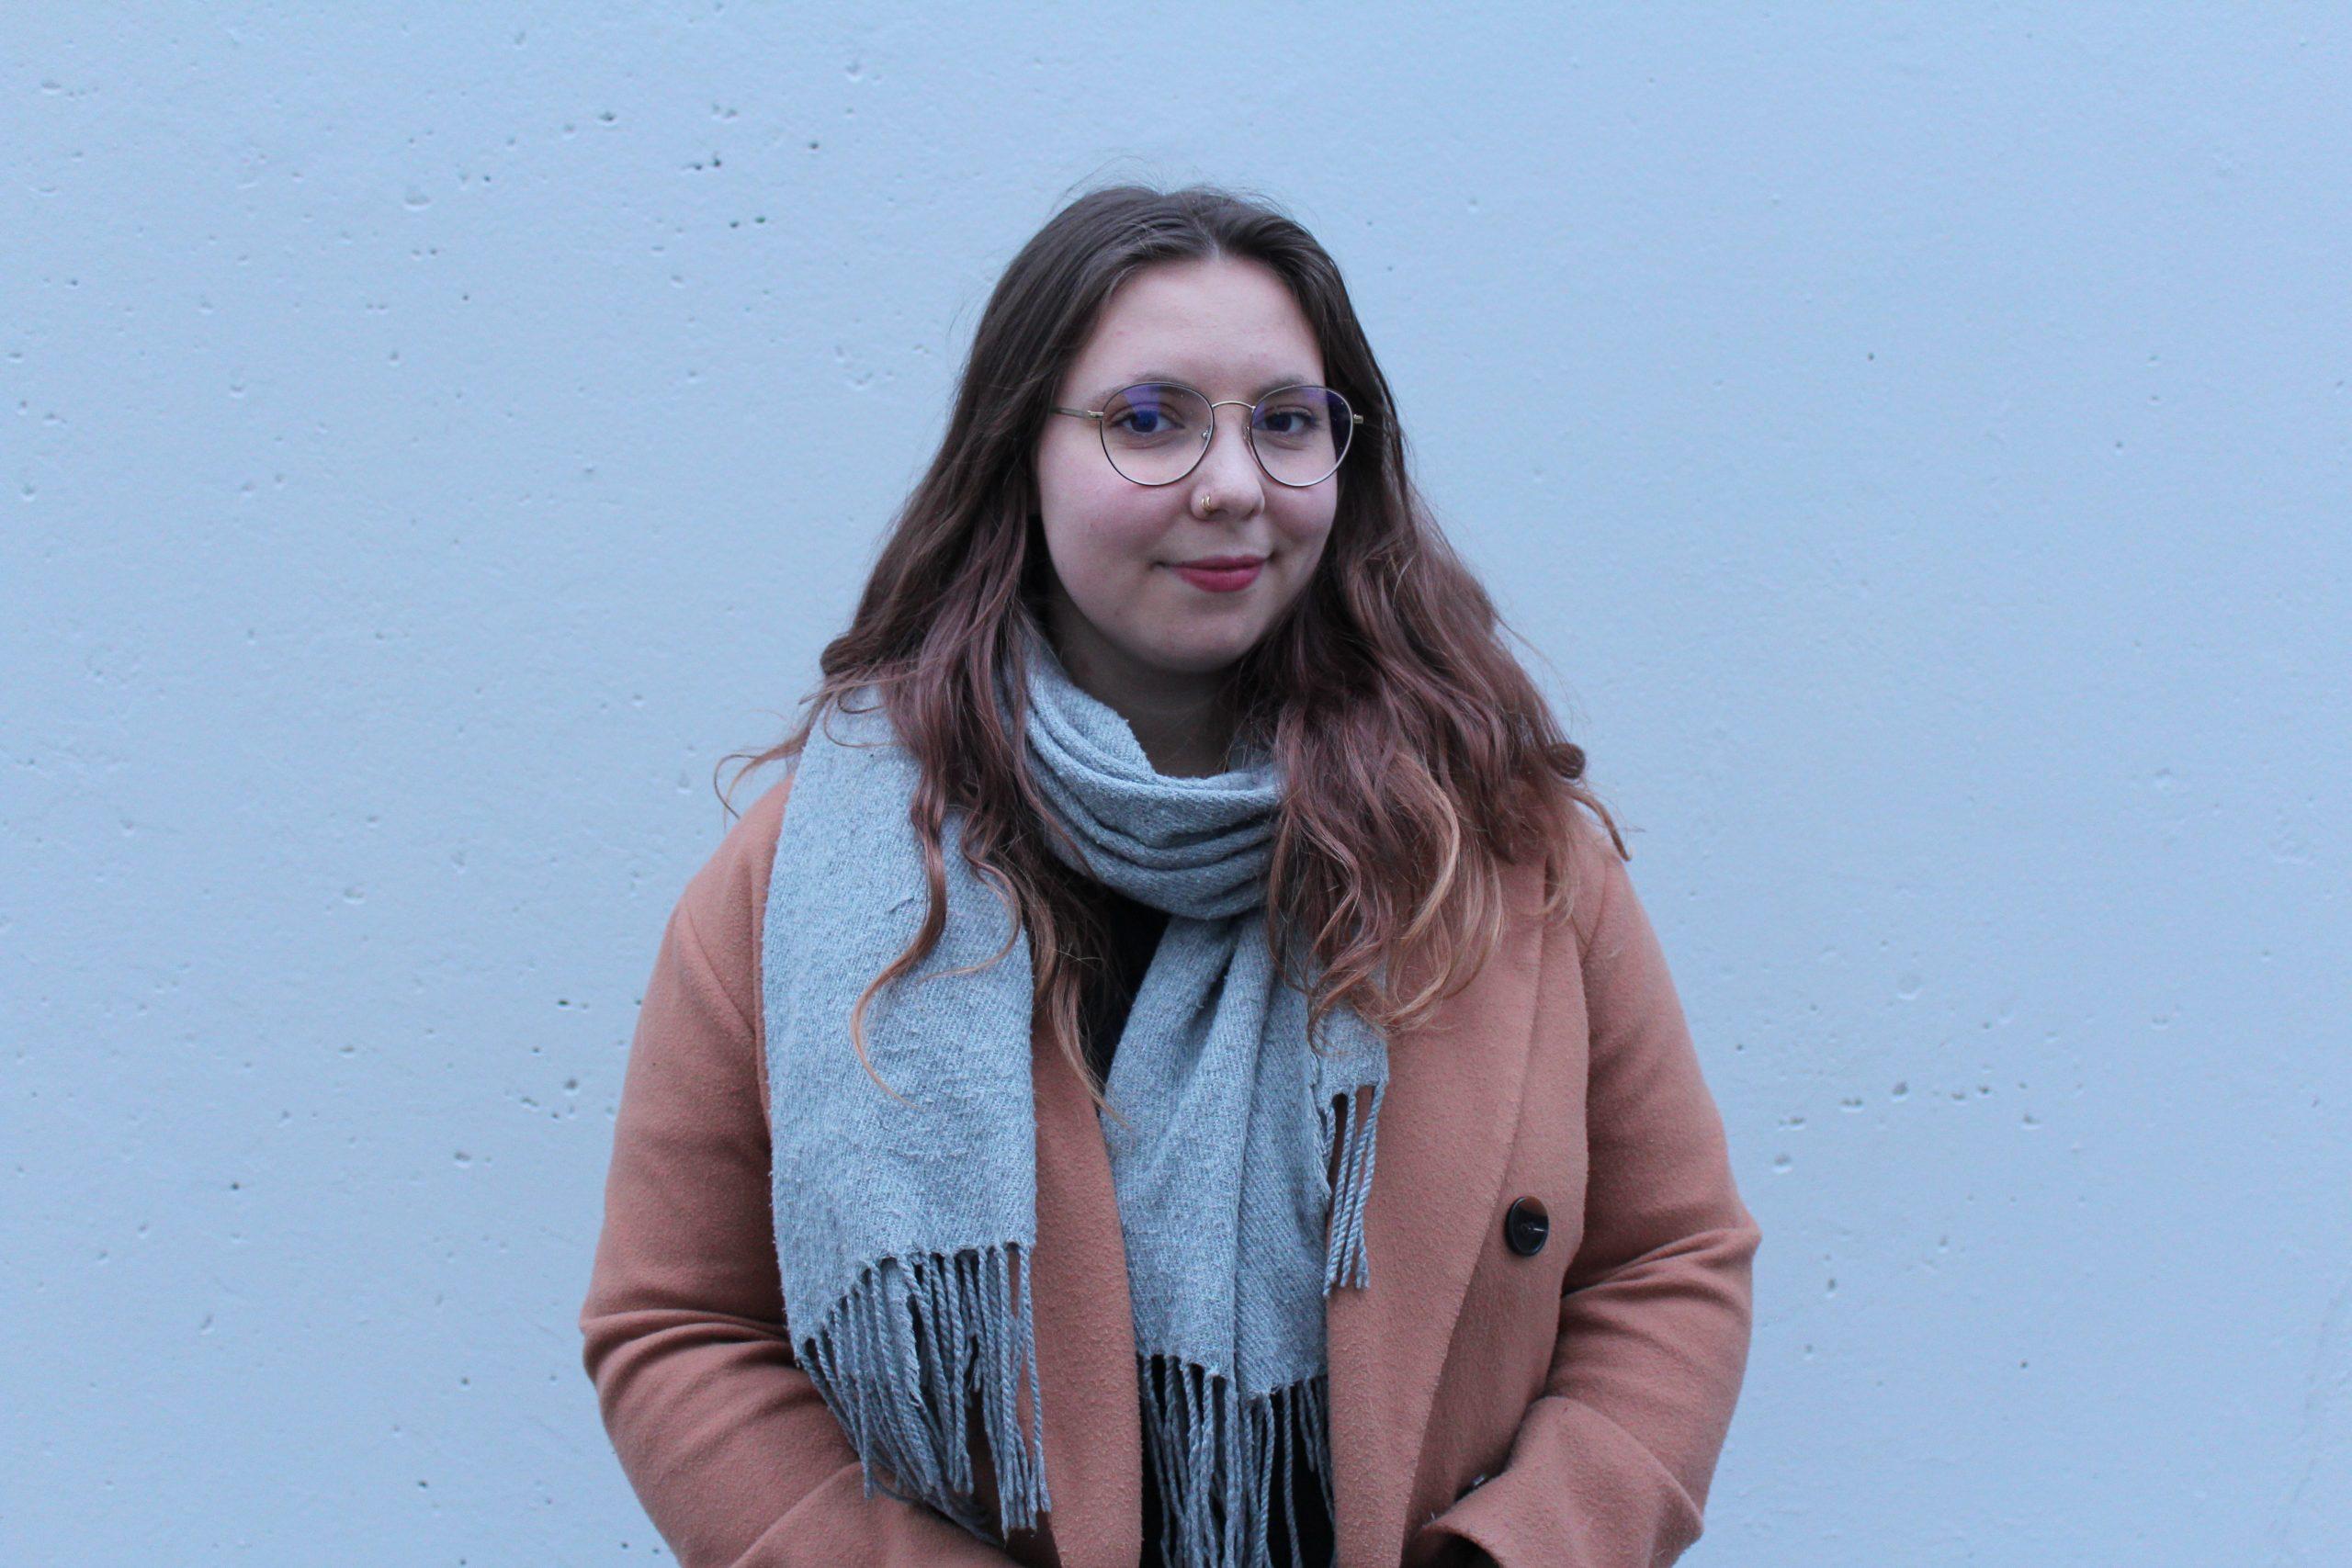 Lina Klöpper